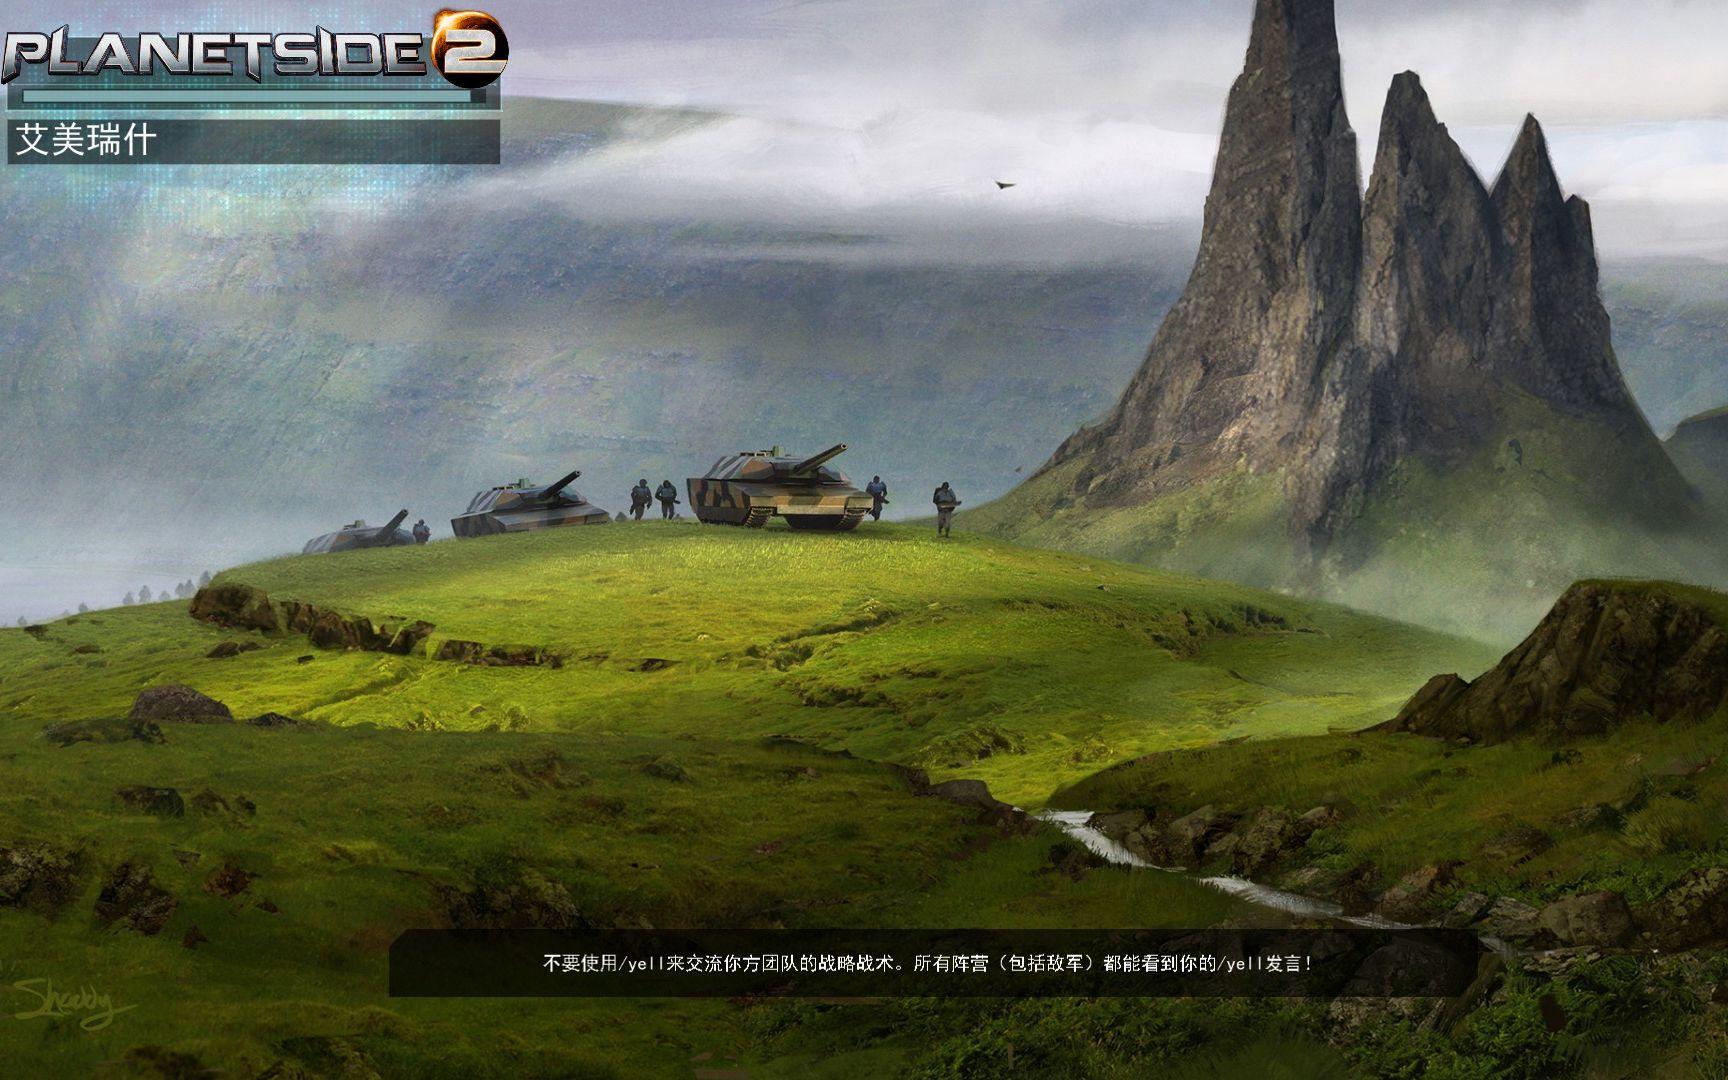 好玩的steam免费游戏!《行星边际2》空中狗斗